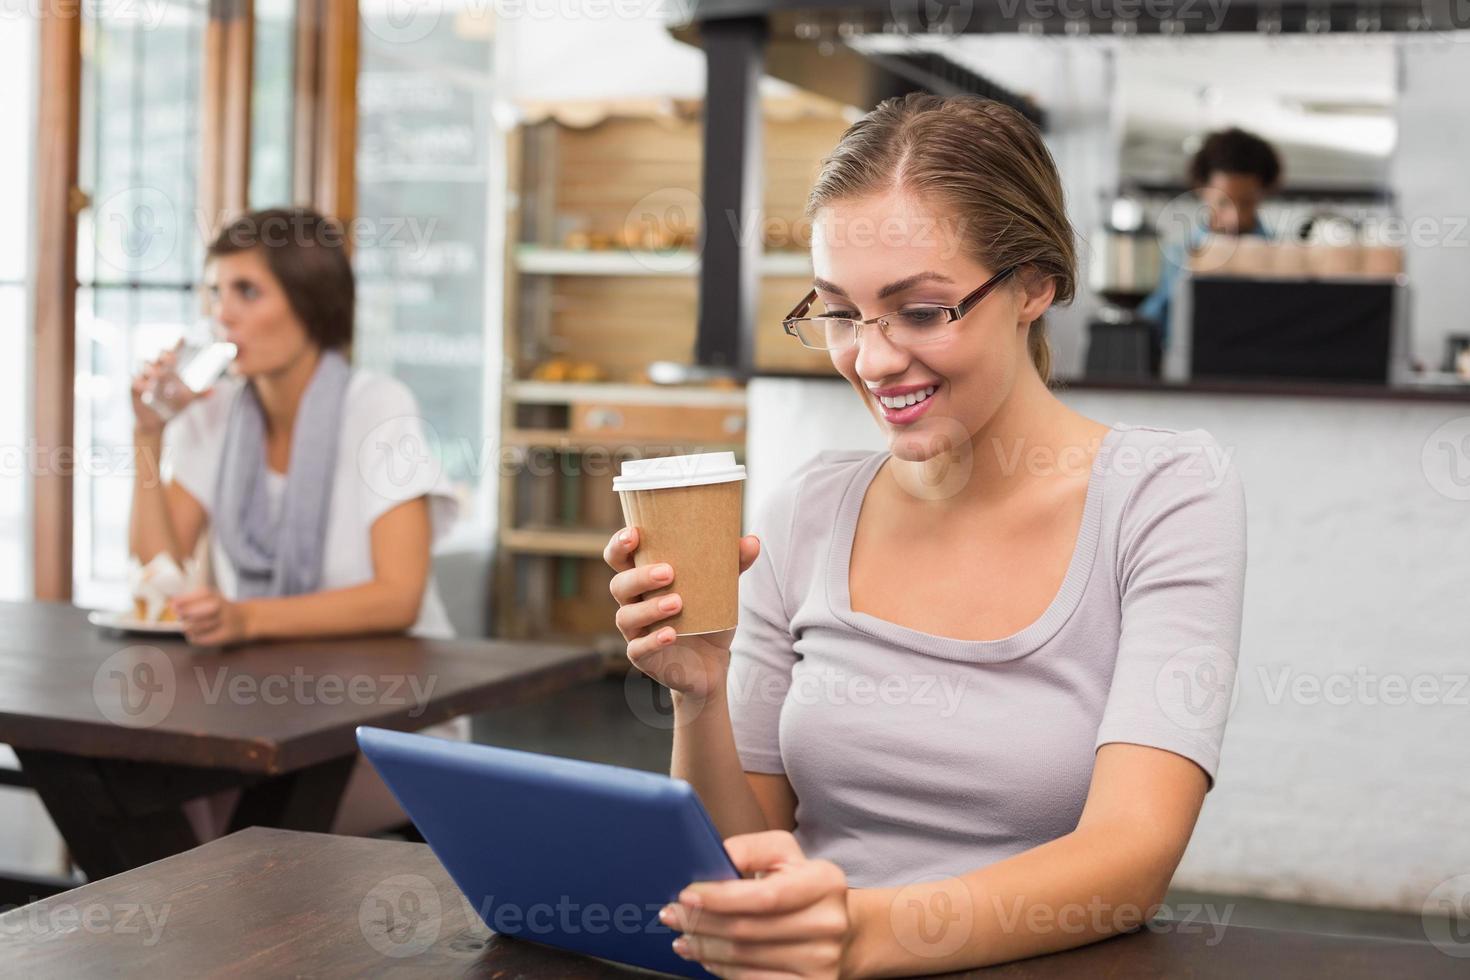 jolie blonde appréciant un café à l'aide de tablet pc photo